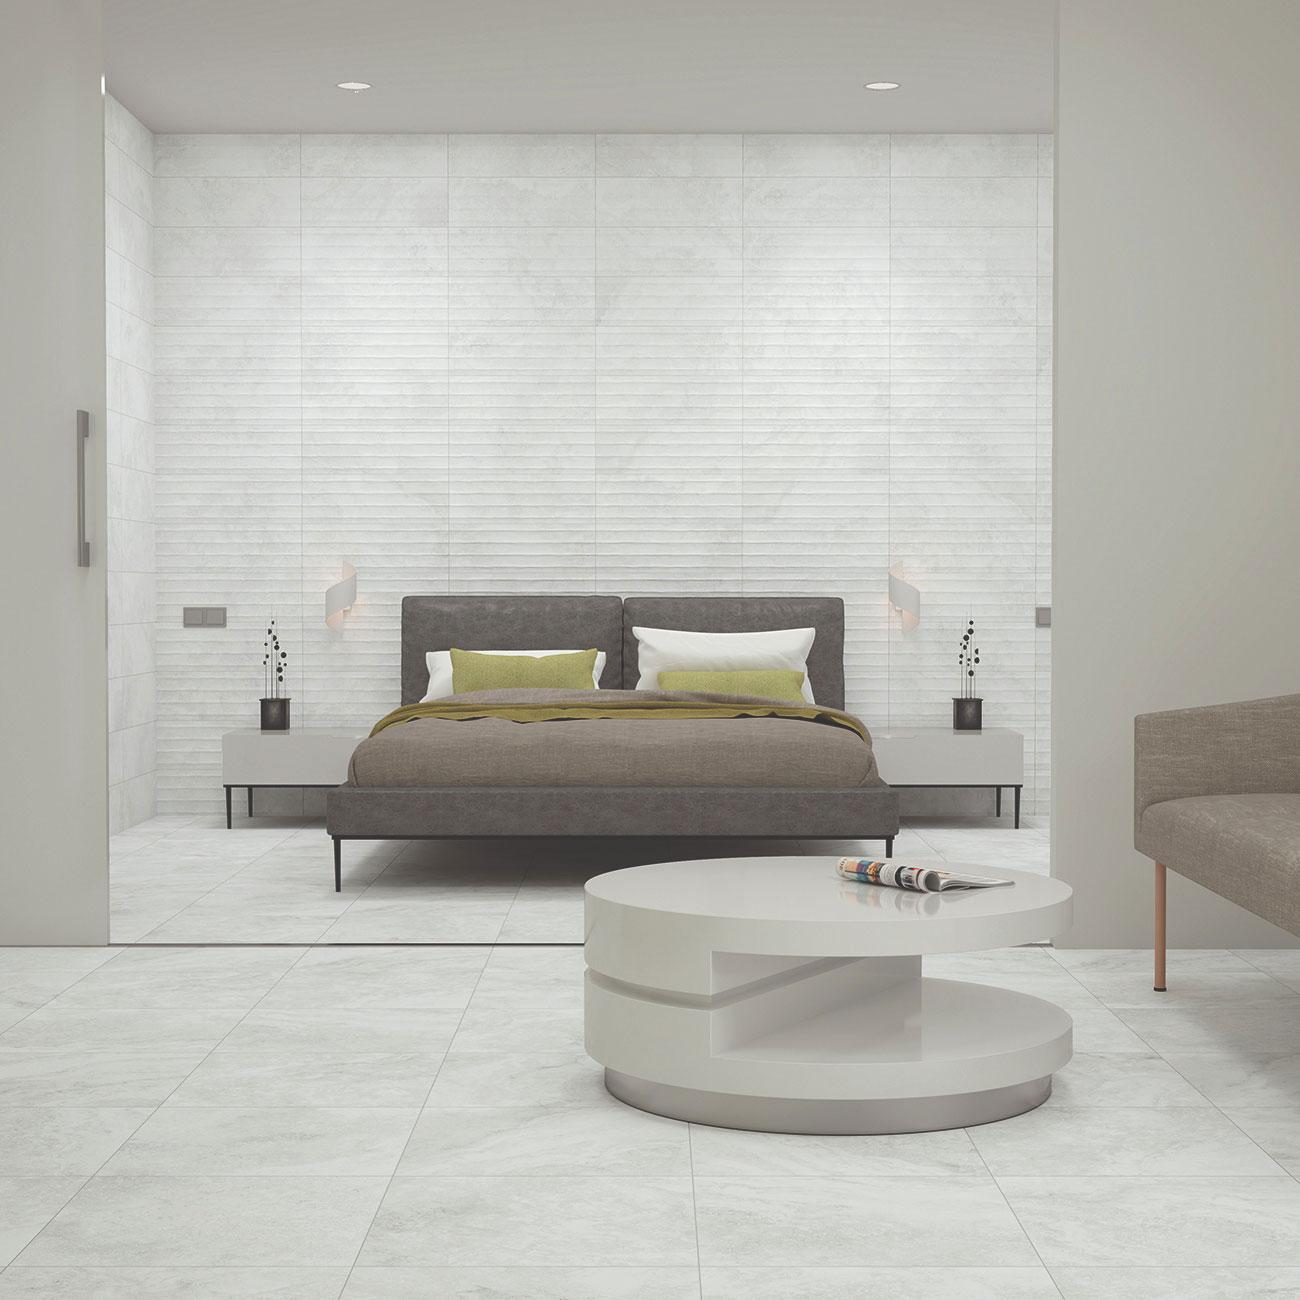 RAK Ceramics Portofino Tiles